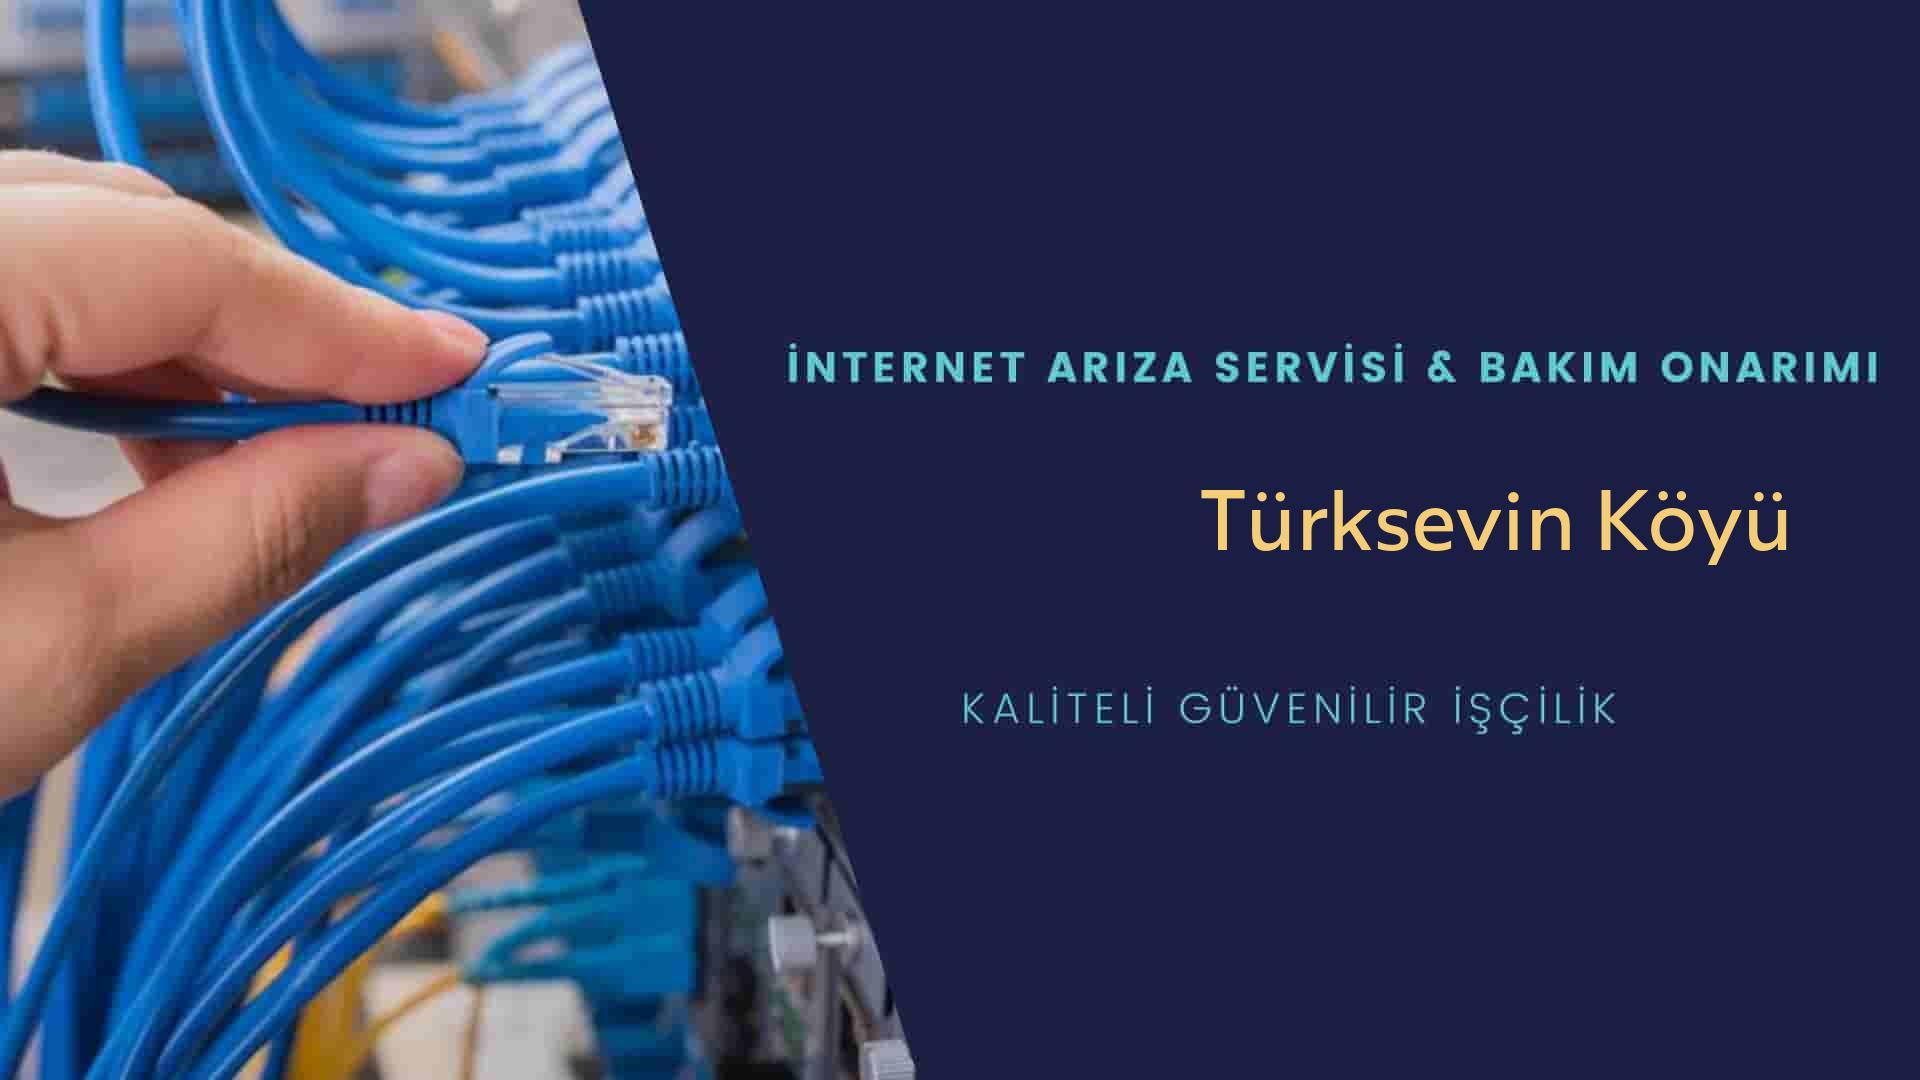 Türksevin Köyü internet kablosu çekimi yapan yerler veya elektrikçiler mi? arıyorsunuz doğru yerdesiniz o zaman sizlere 7/24 yardımcı olacak profesyonel ustalarımız bir telefon kadar yakındır size.